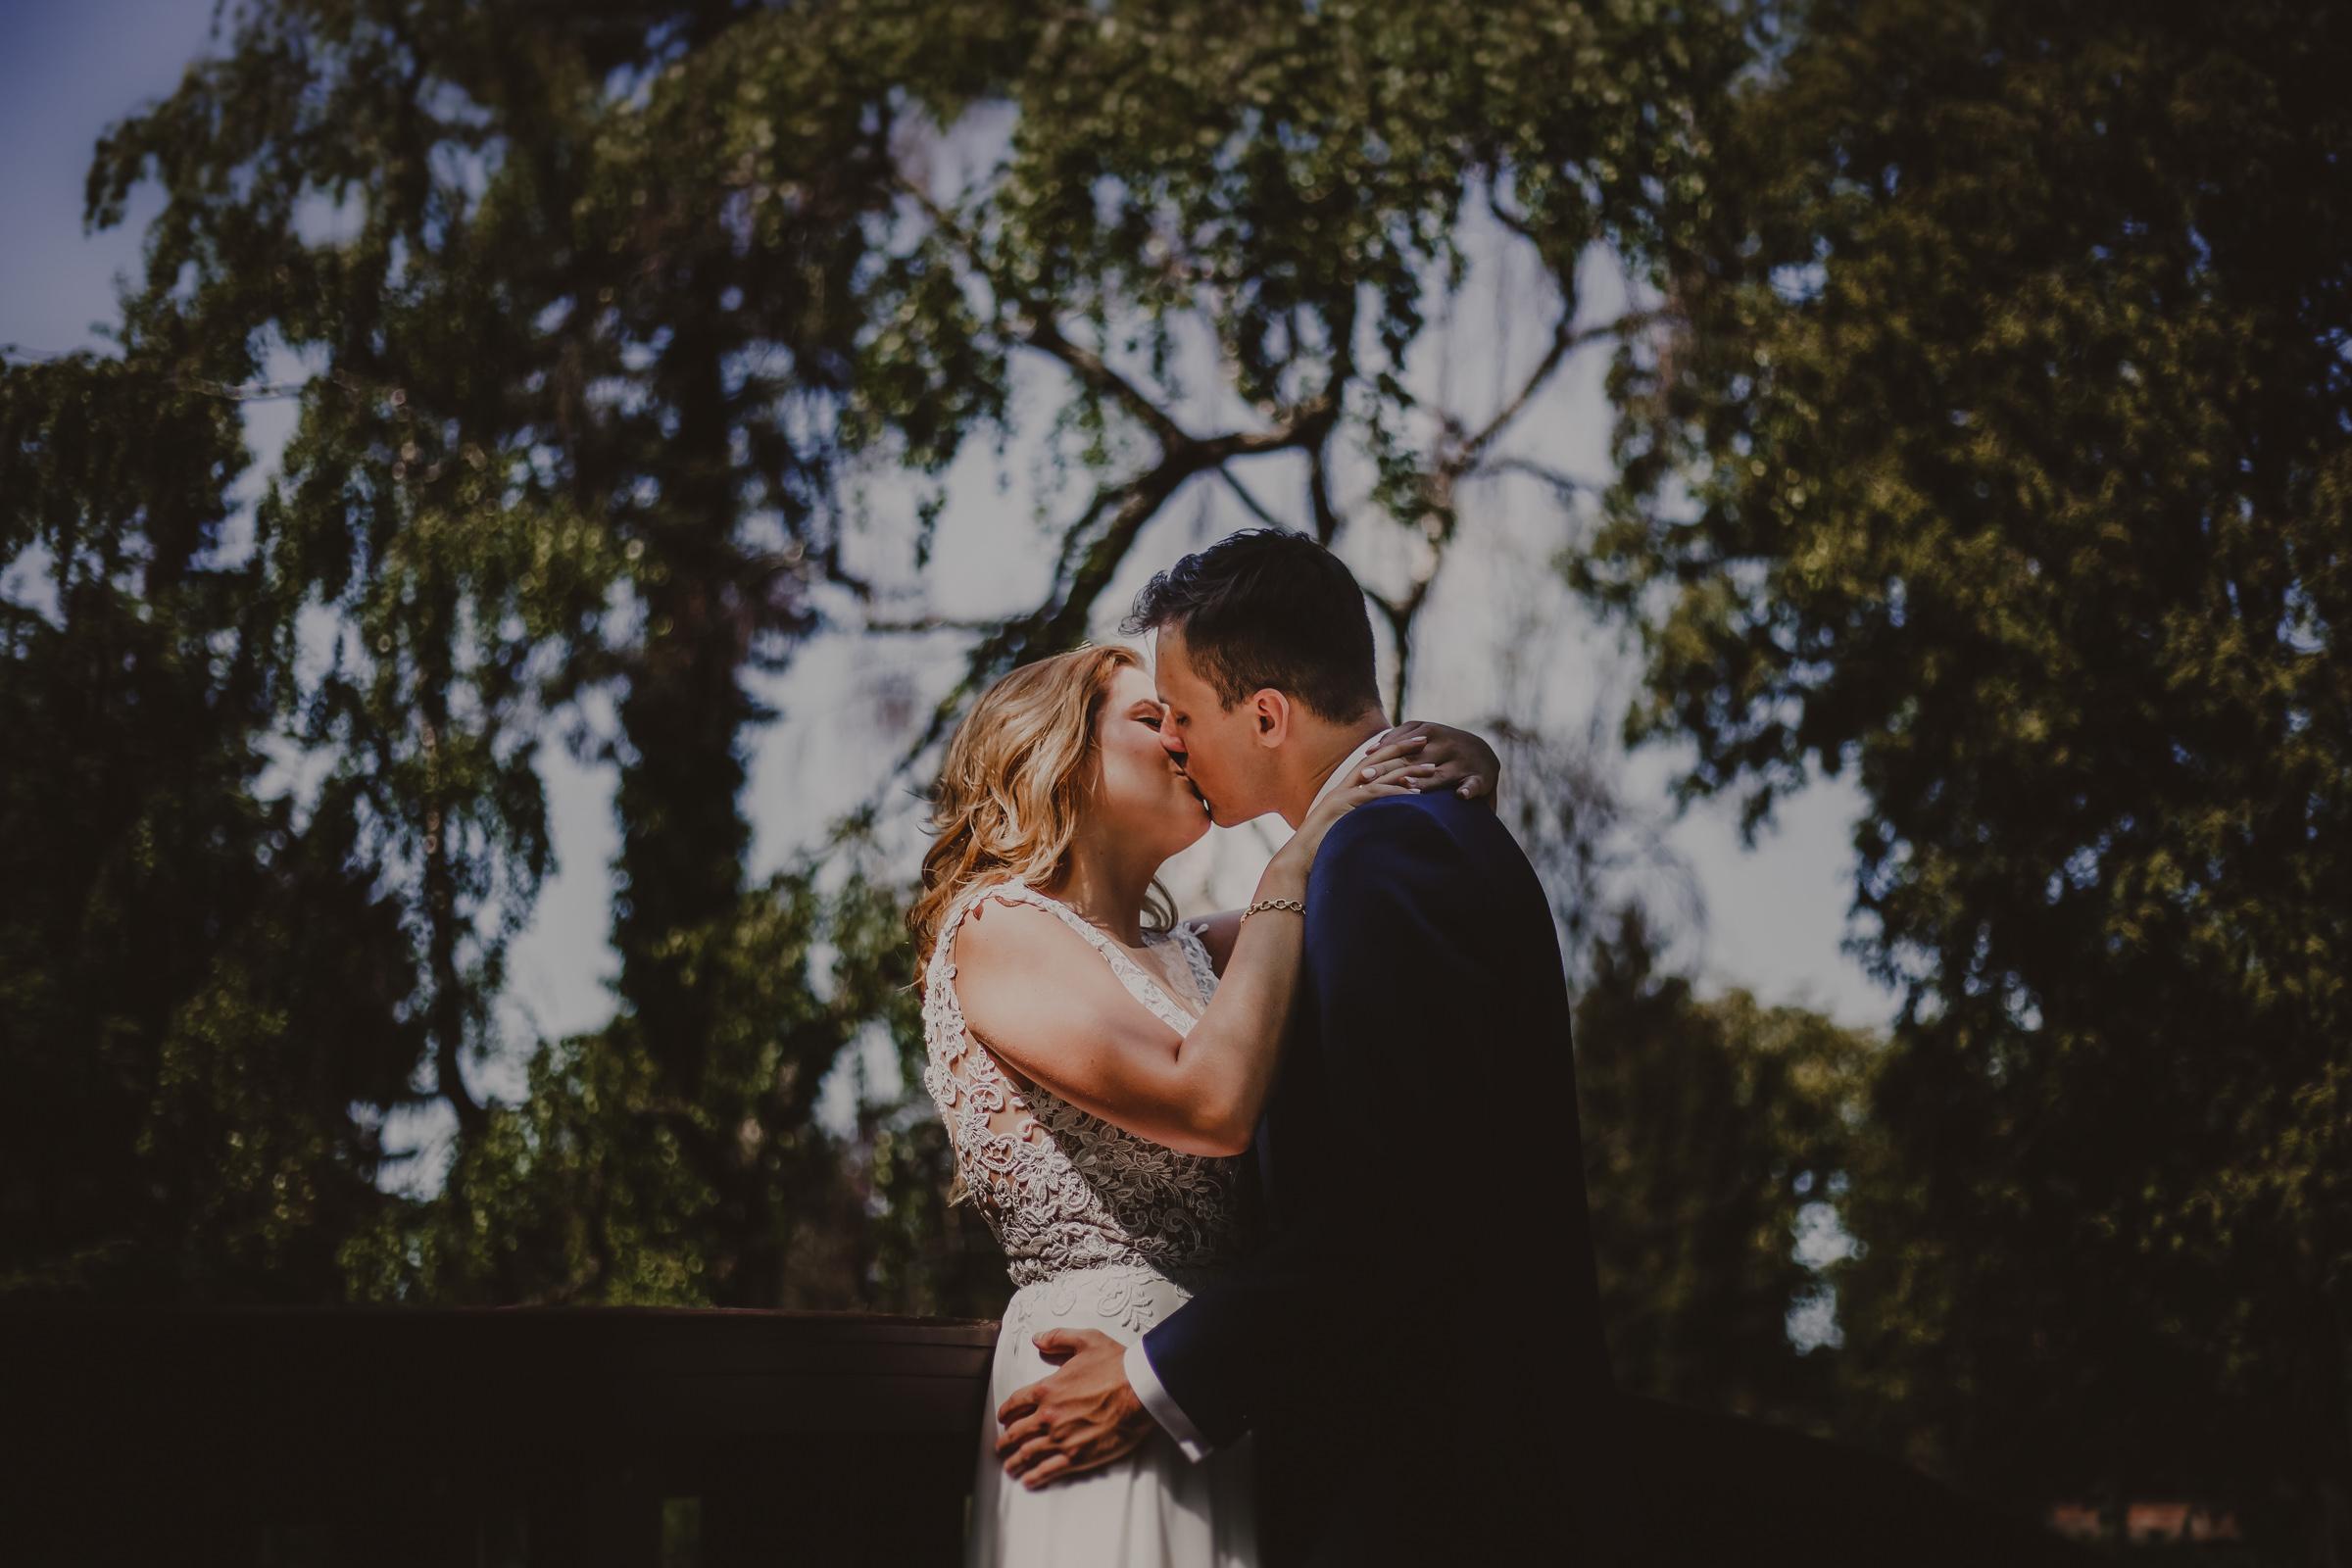 czuły pocałunek zakochanych